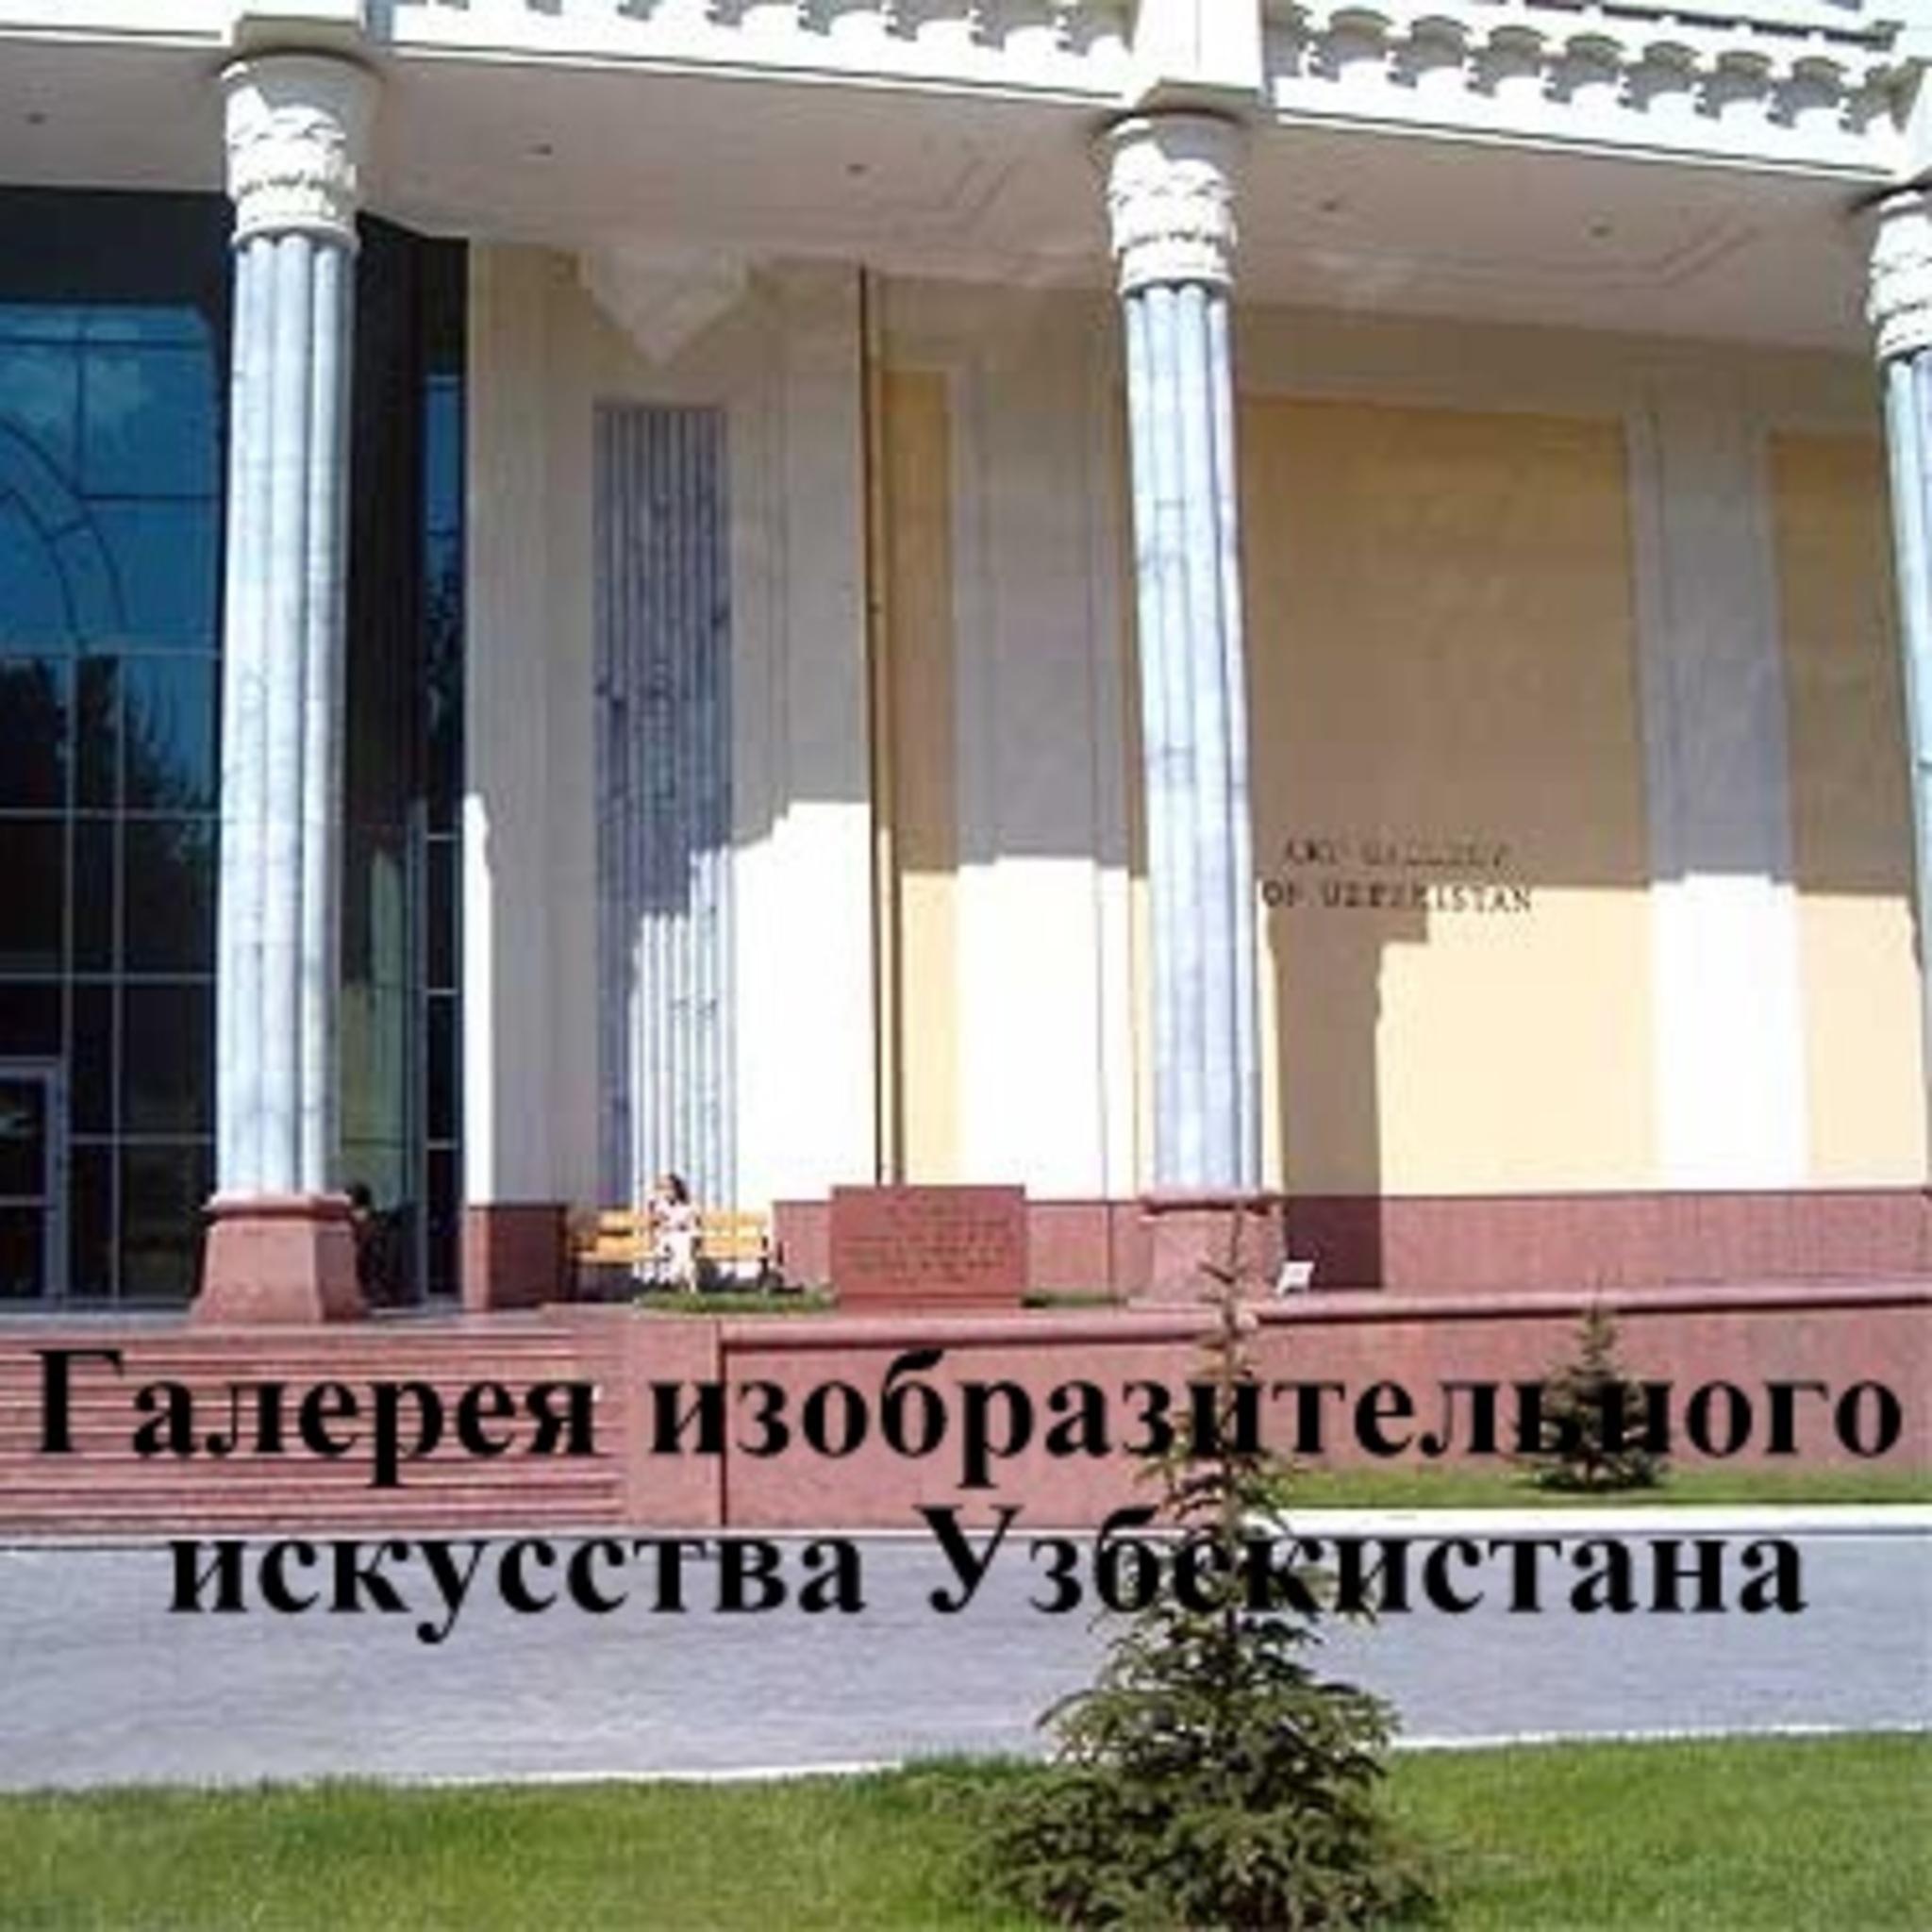 Галерея изобразительного искусства Узбекистана